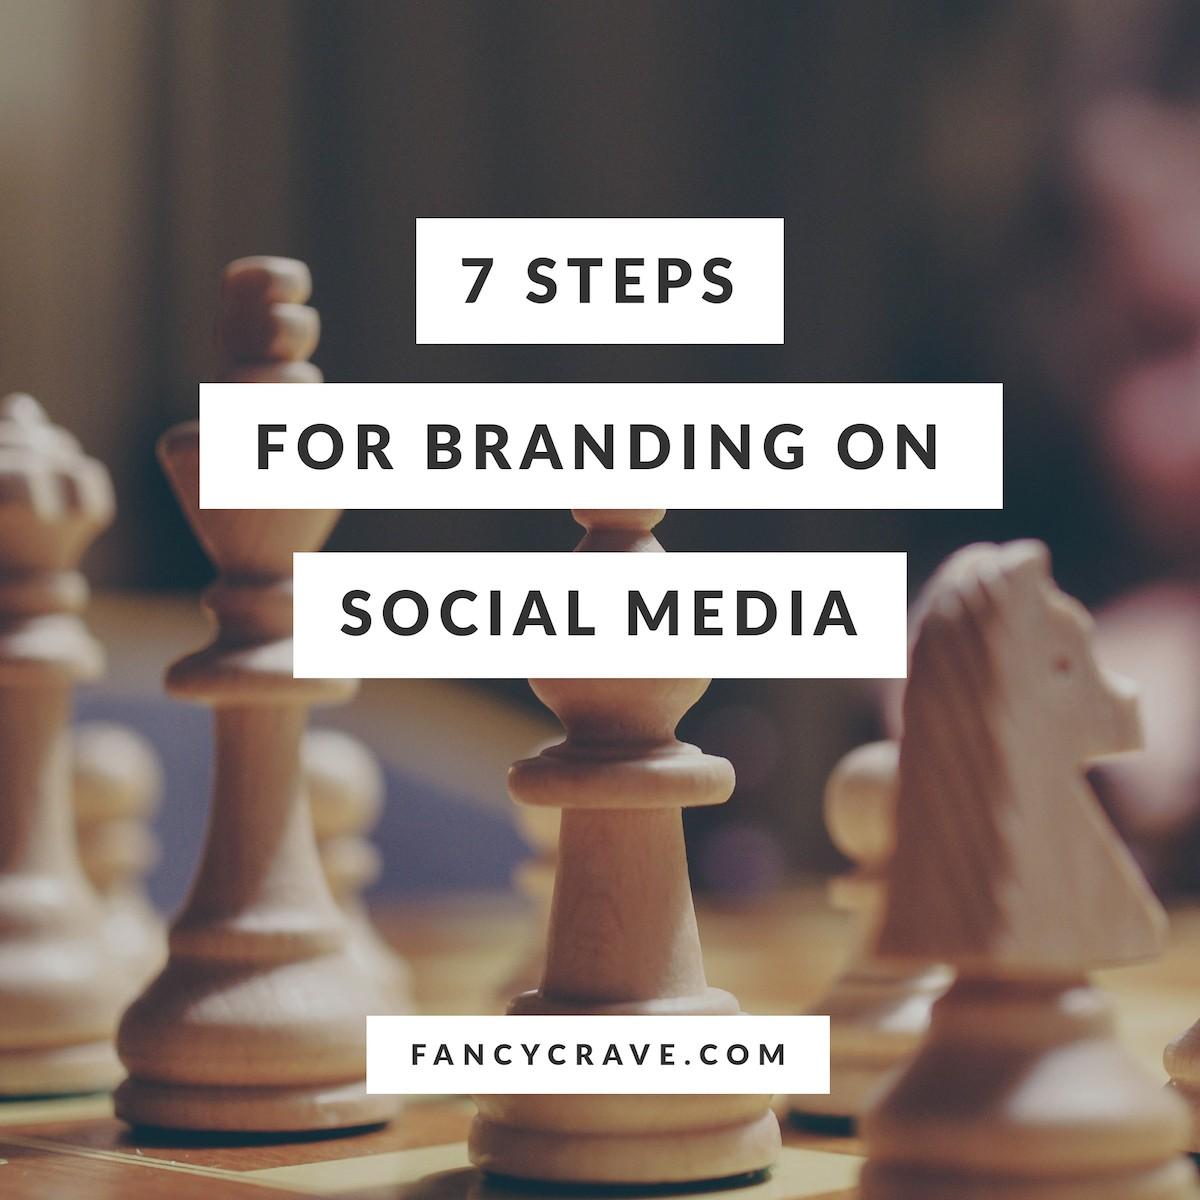 7-Steps-for-Branding-on-Social-Media